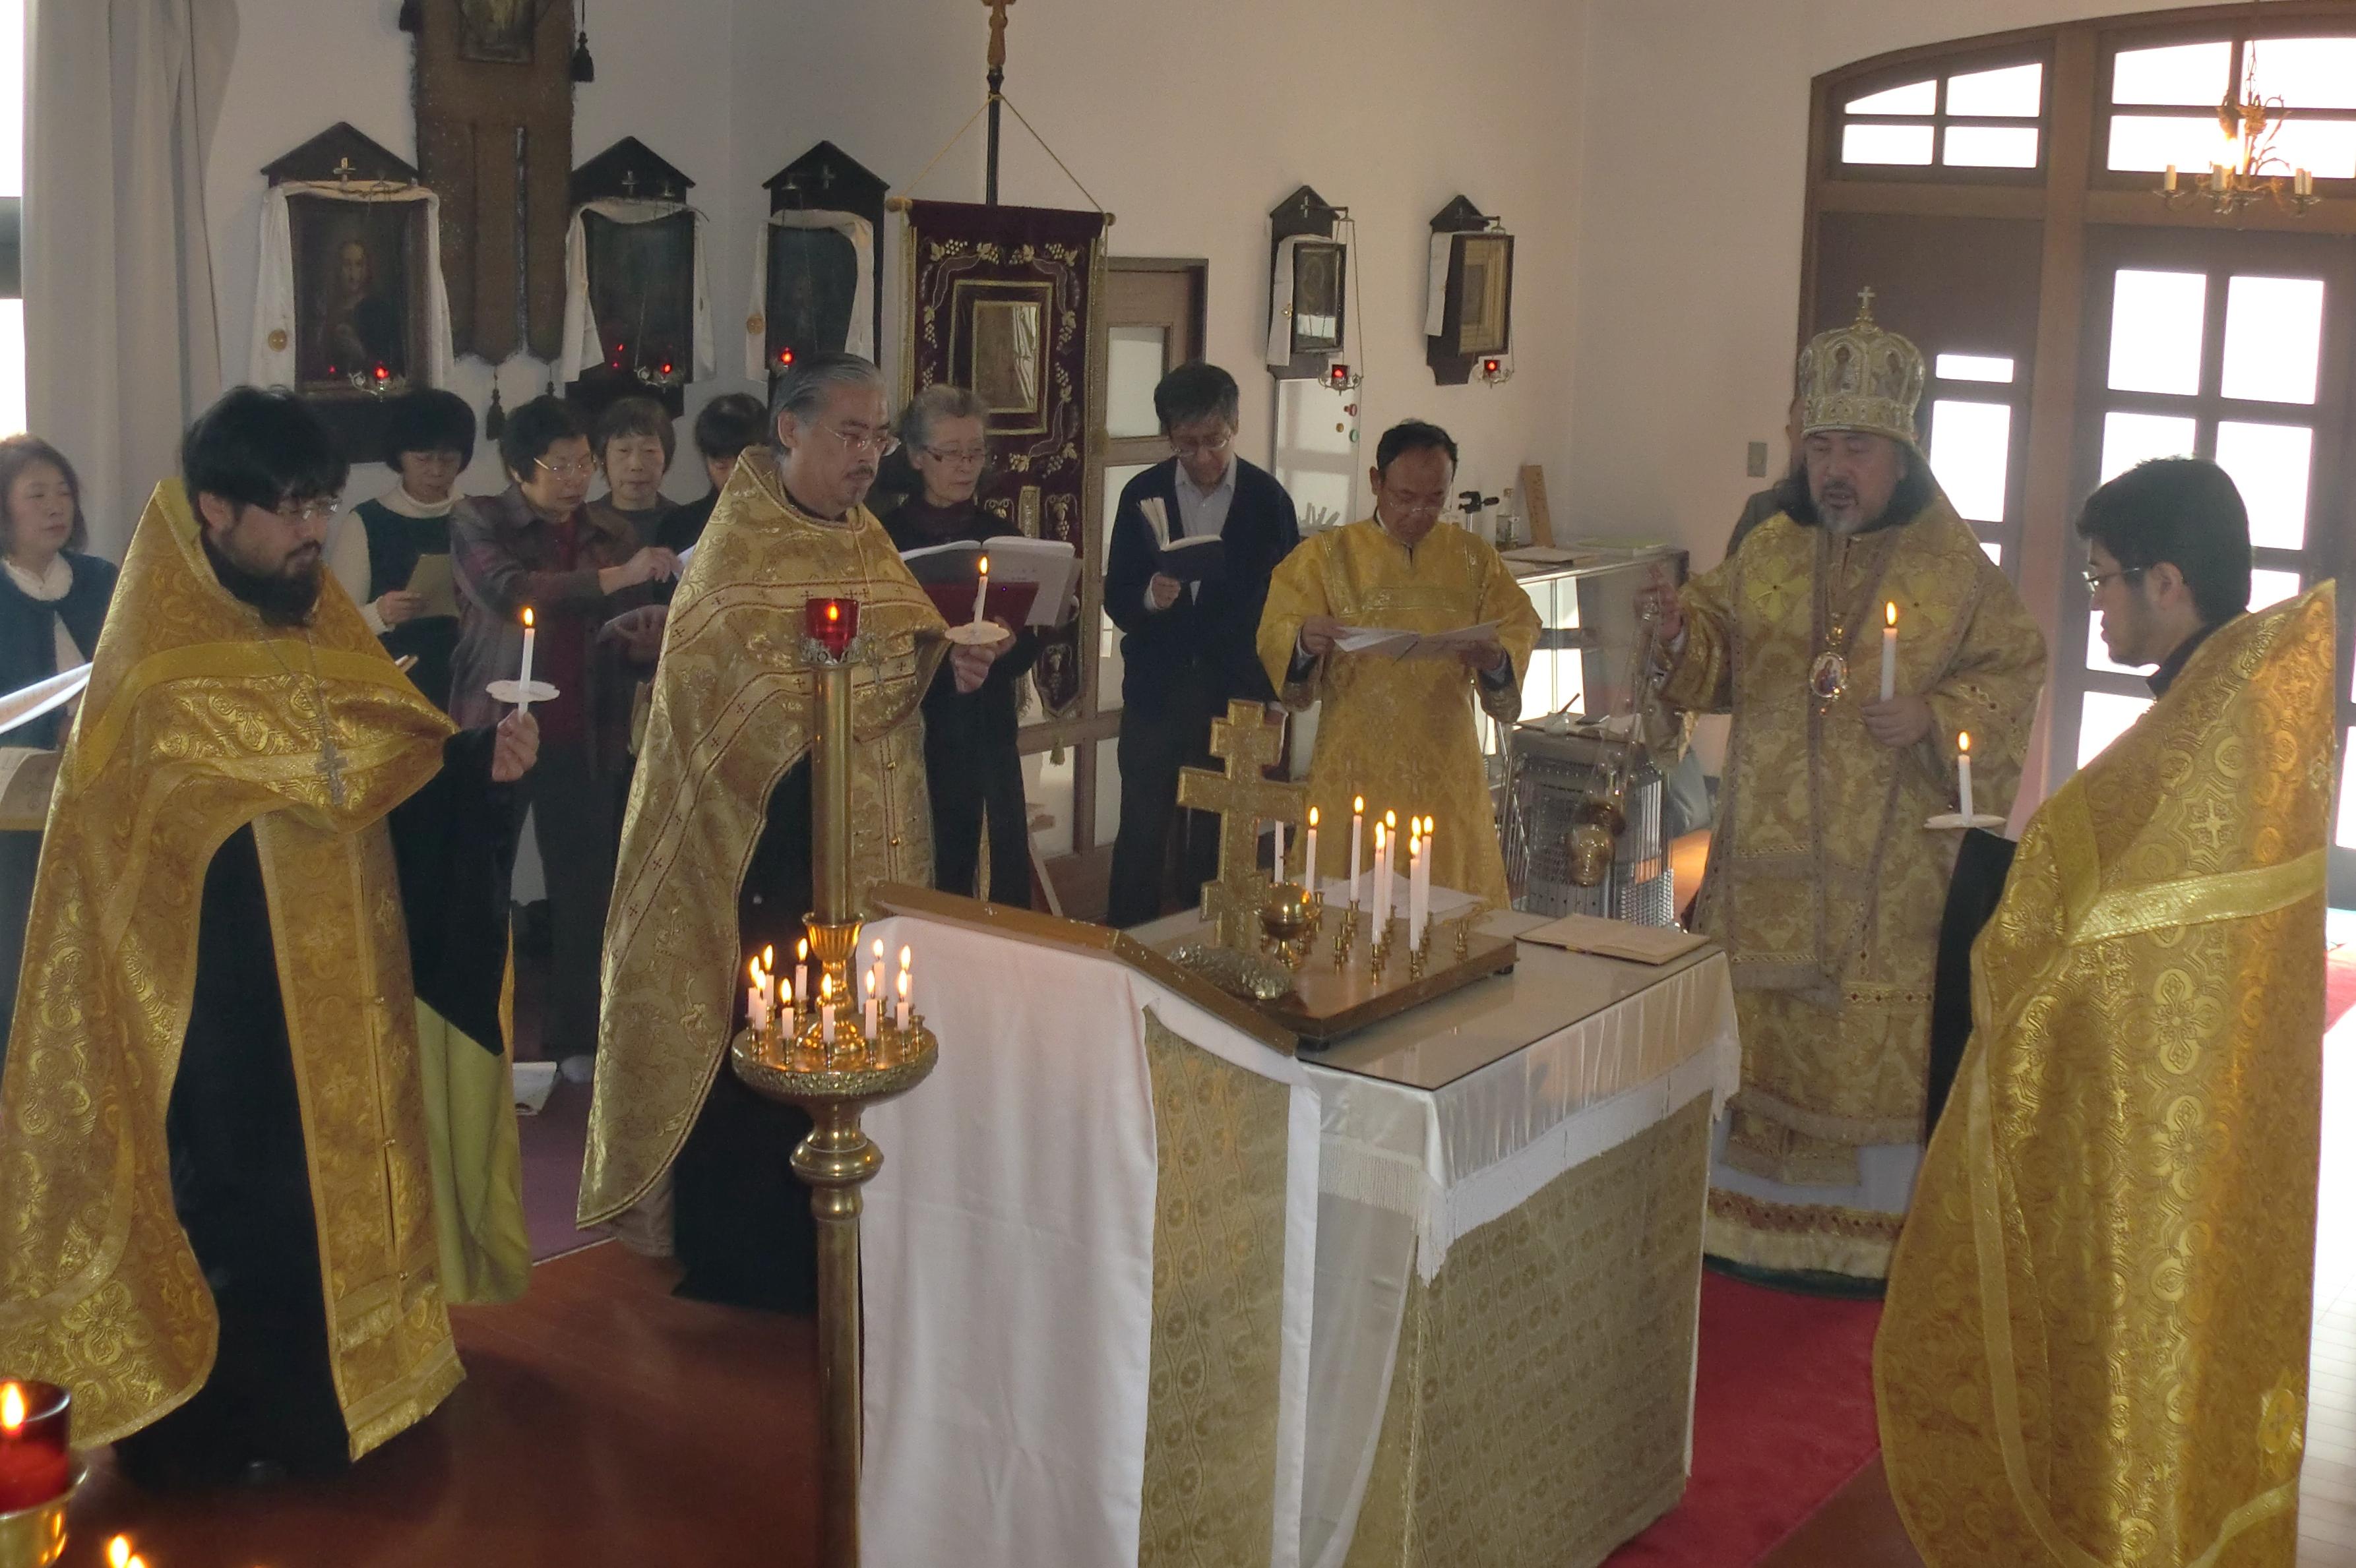 聖体礼儀とパニヒダ